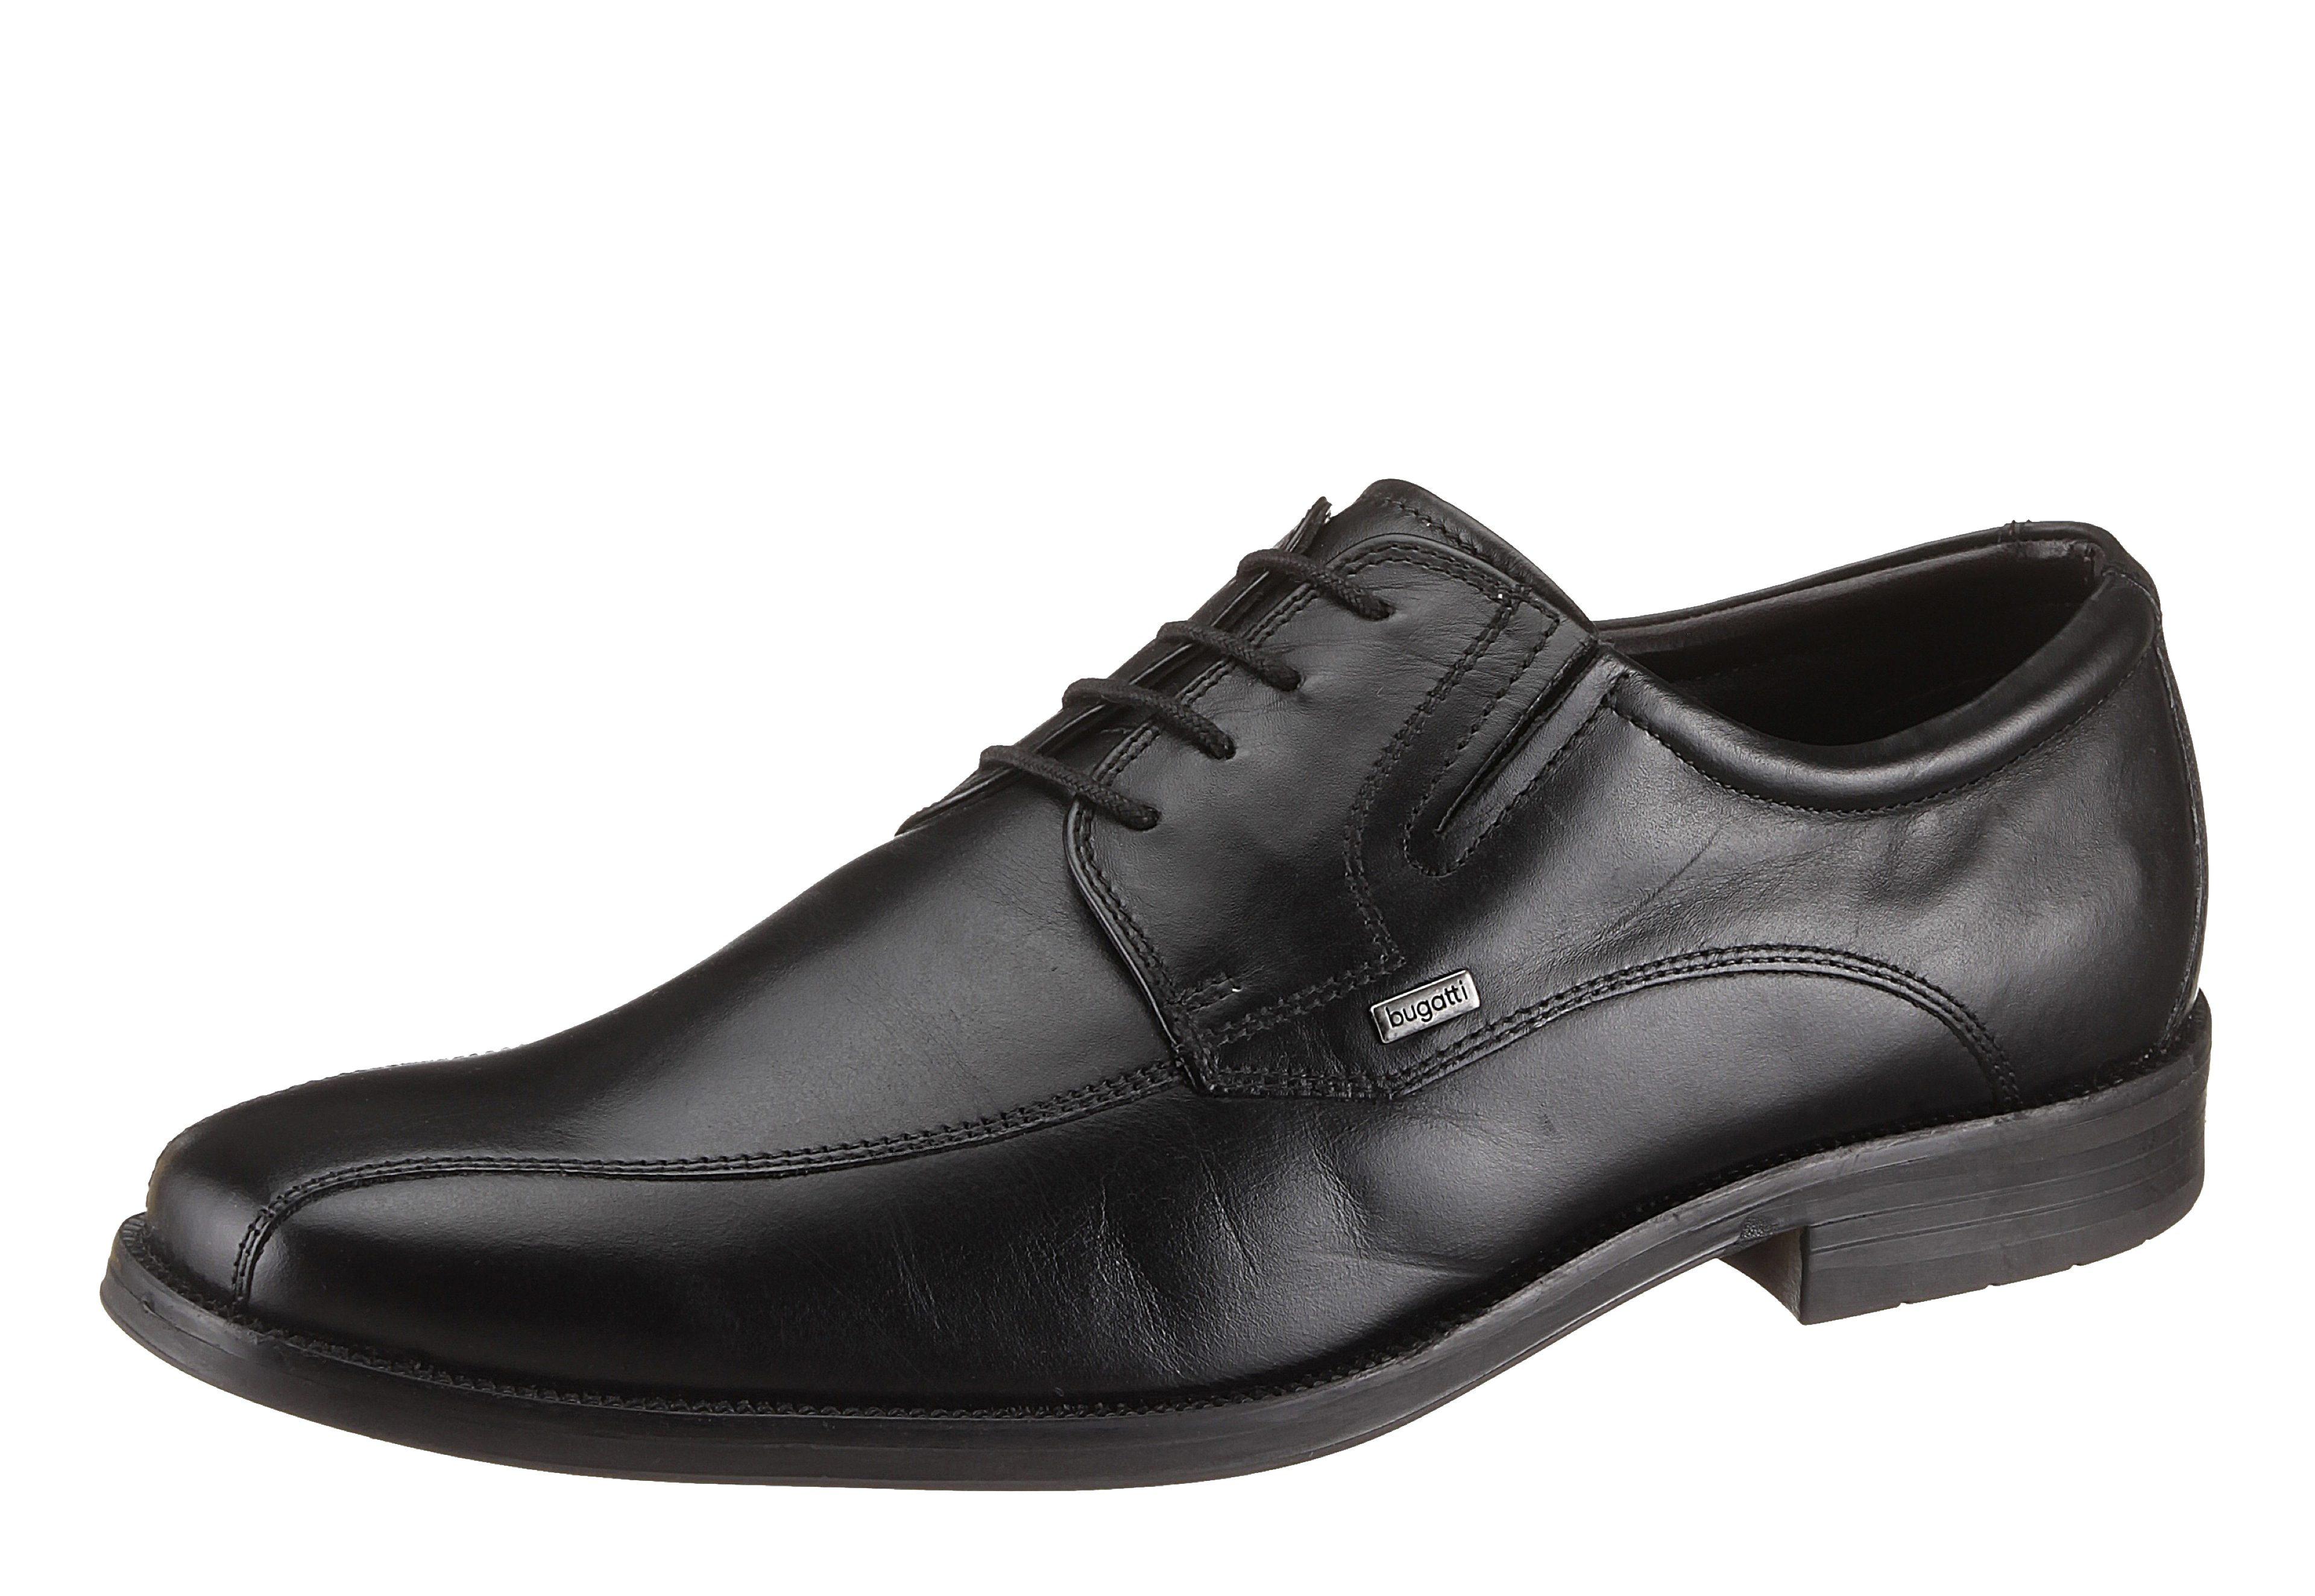 Bugatti Schnürschuh, für festliche Anlässe kaufen  schwarz